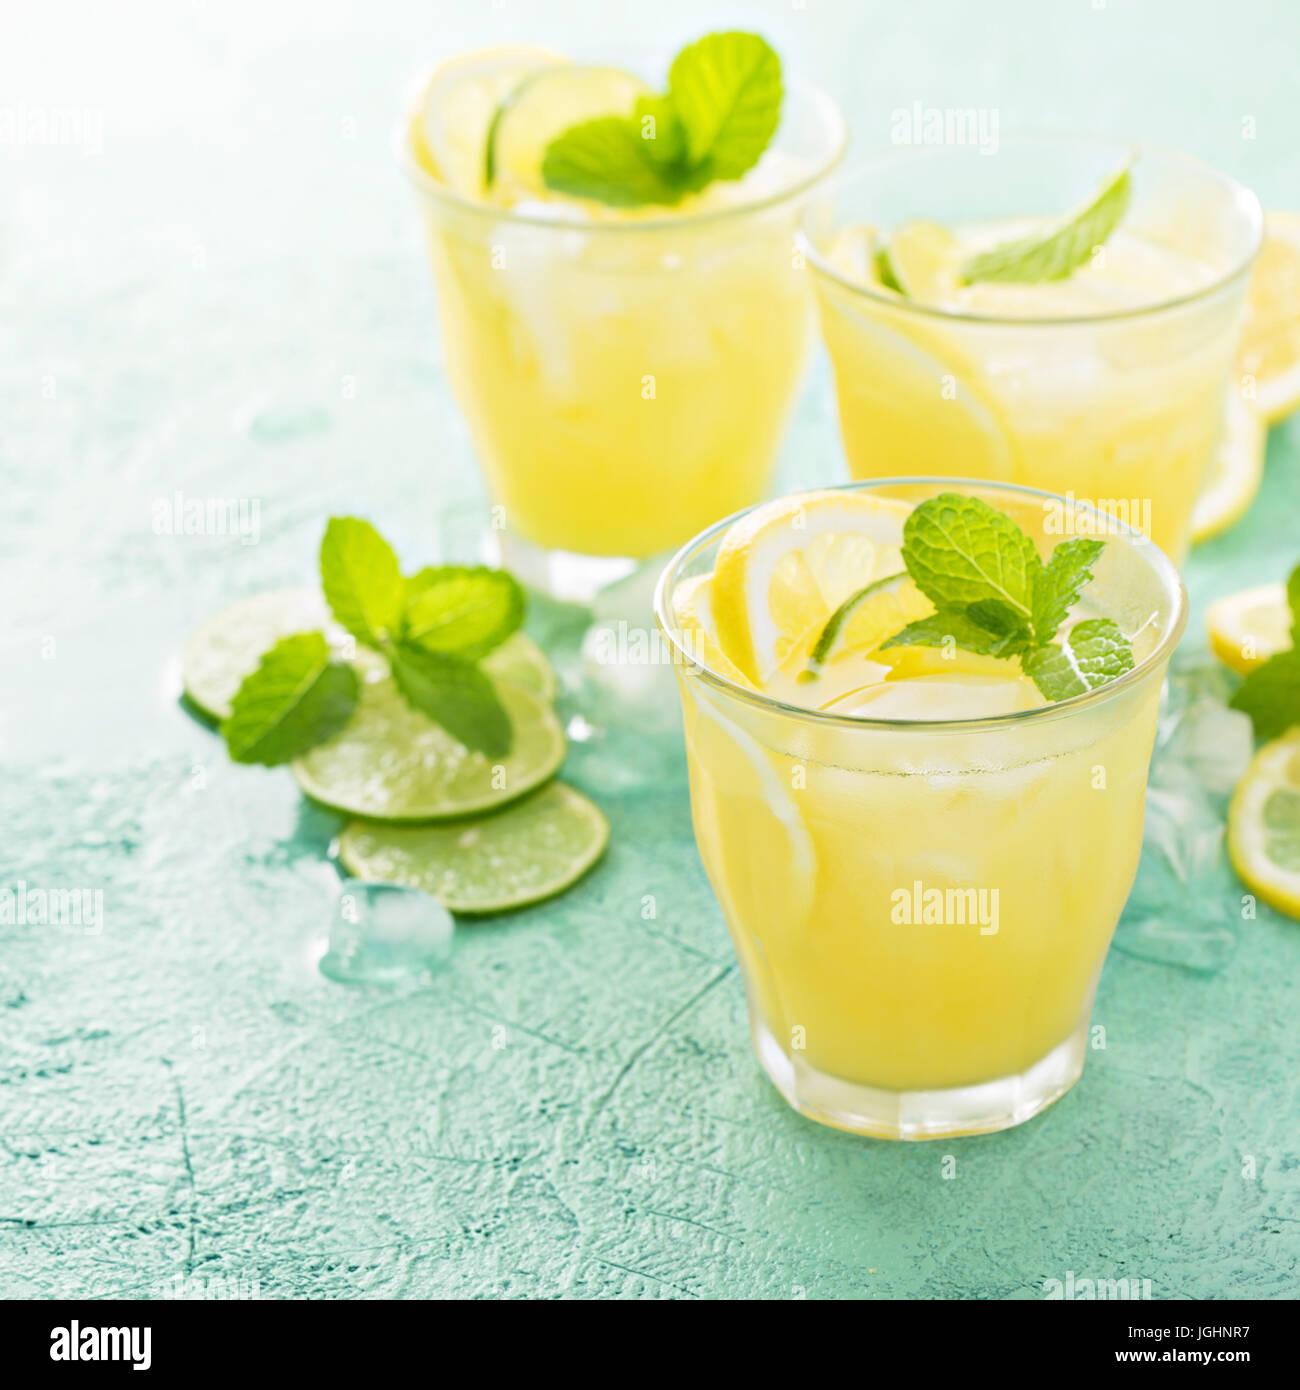 Cocktail d'agrumes rafraîchissante avec du citron Banque D'Images